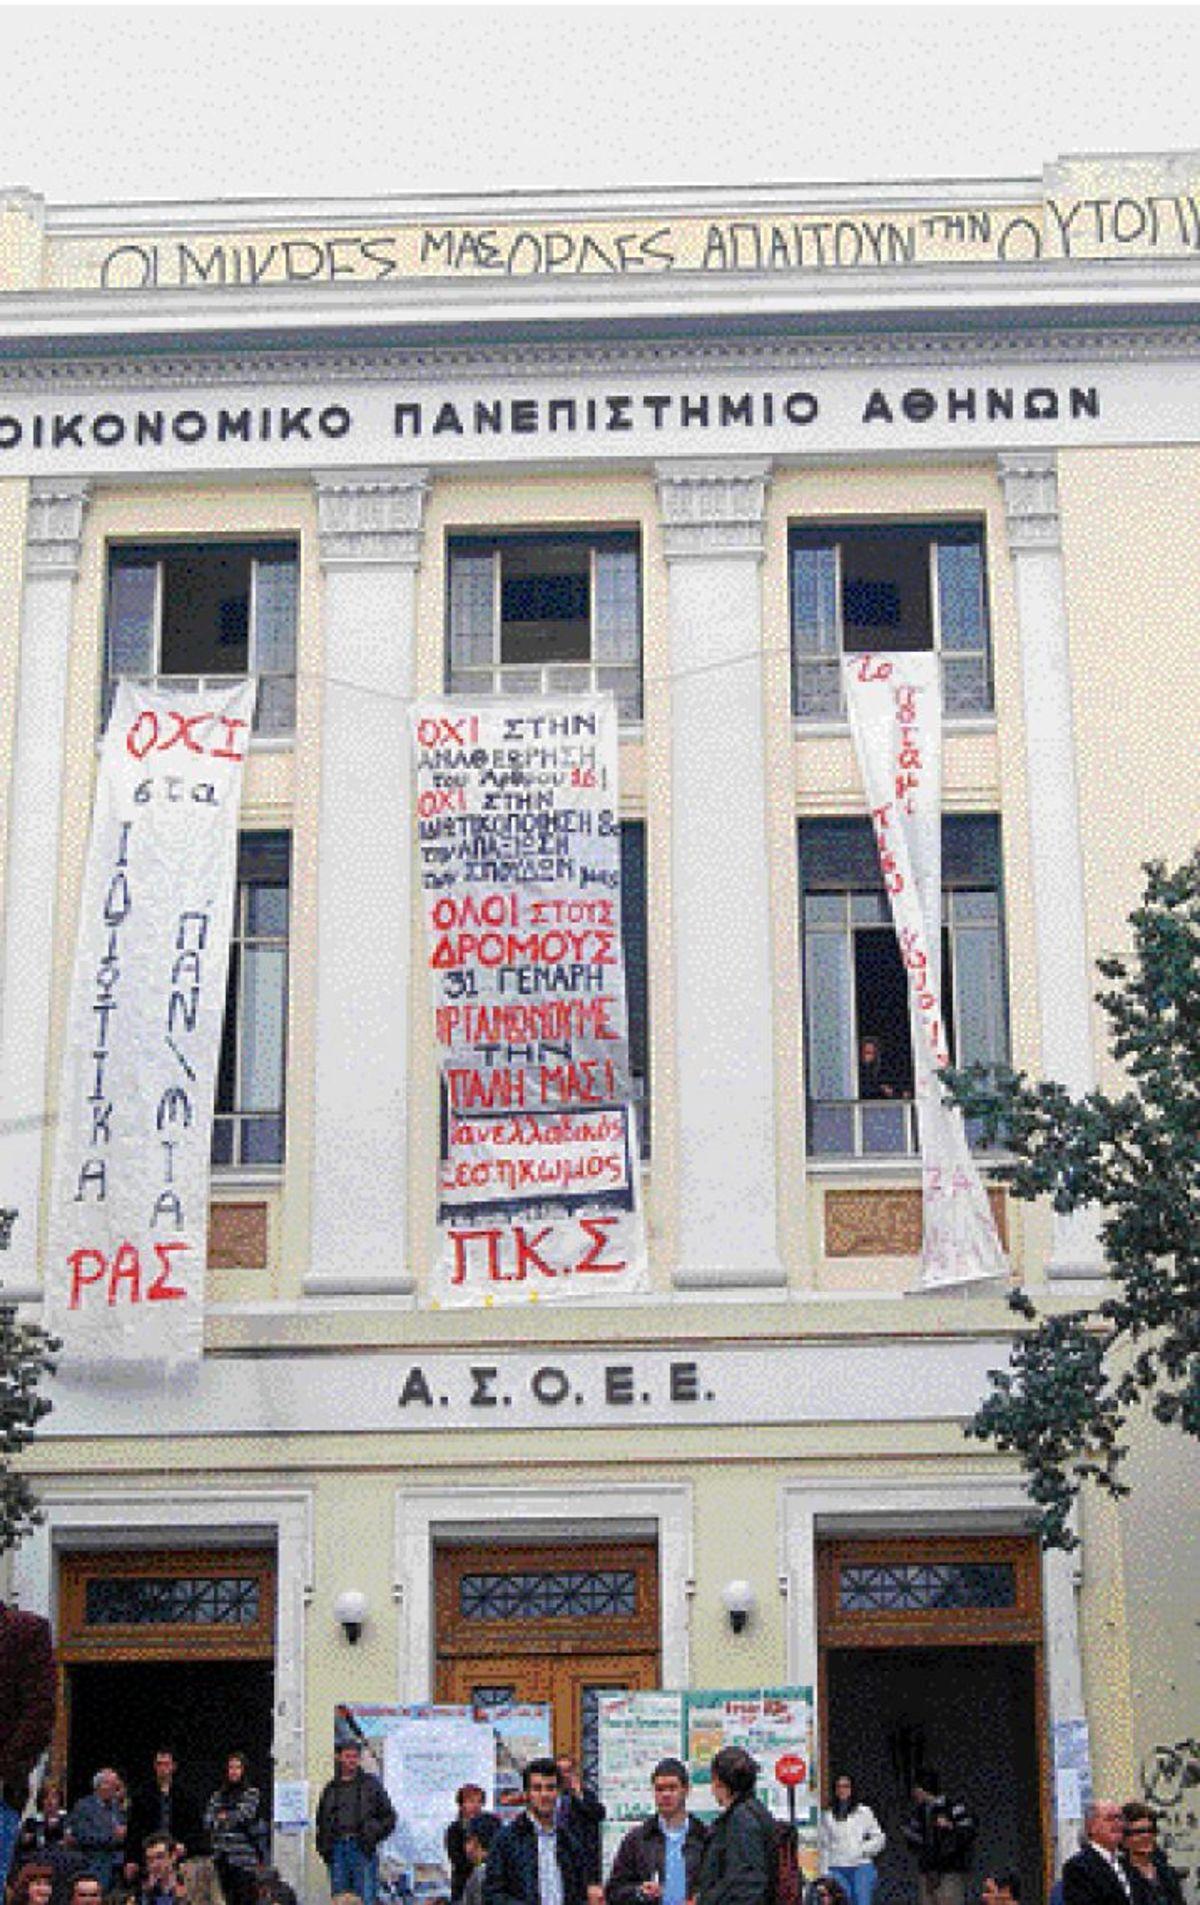 Κλειστό σήμερα το Οικονομικό Πανεπιστήμιο | Newsit.gr